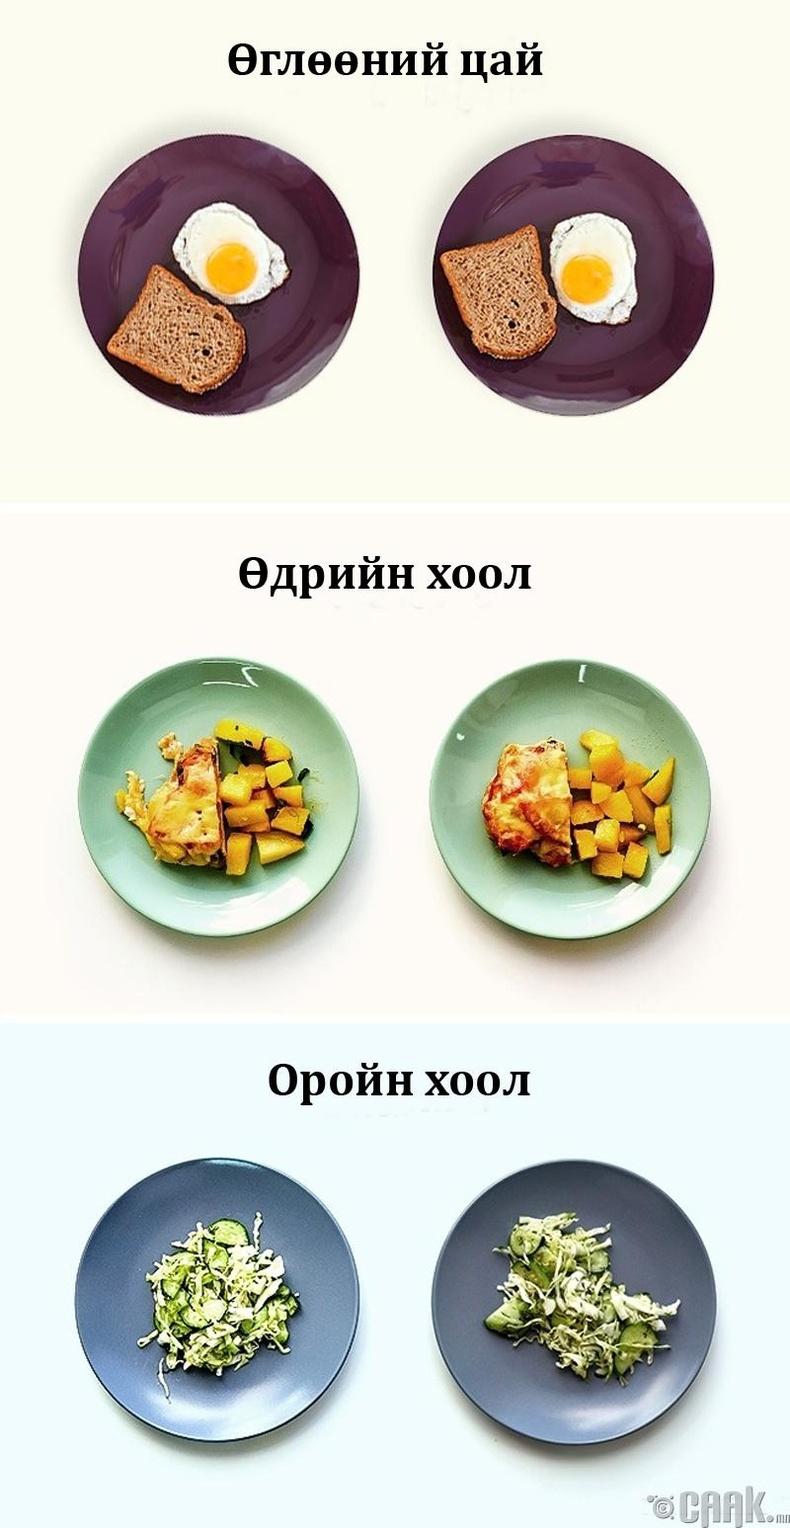 Хоолоо тусад нь таваглаж идэх